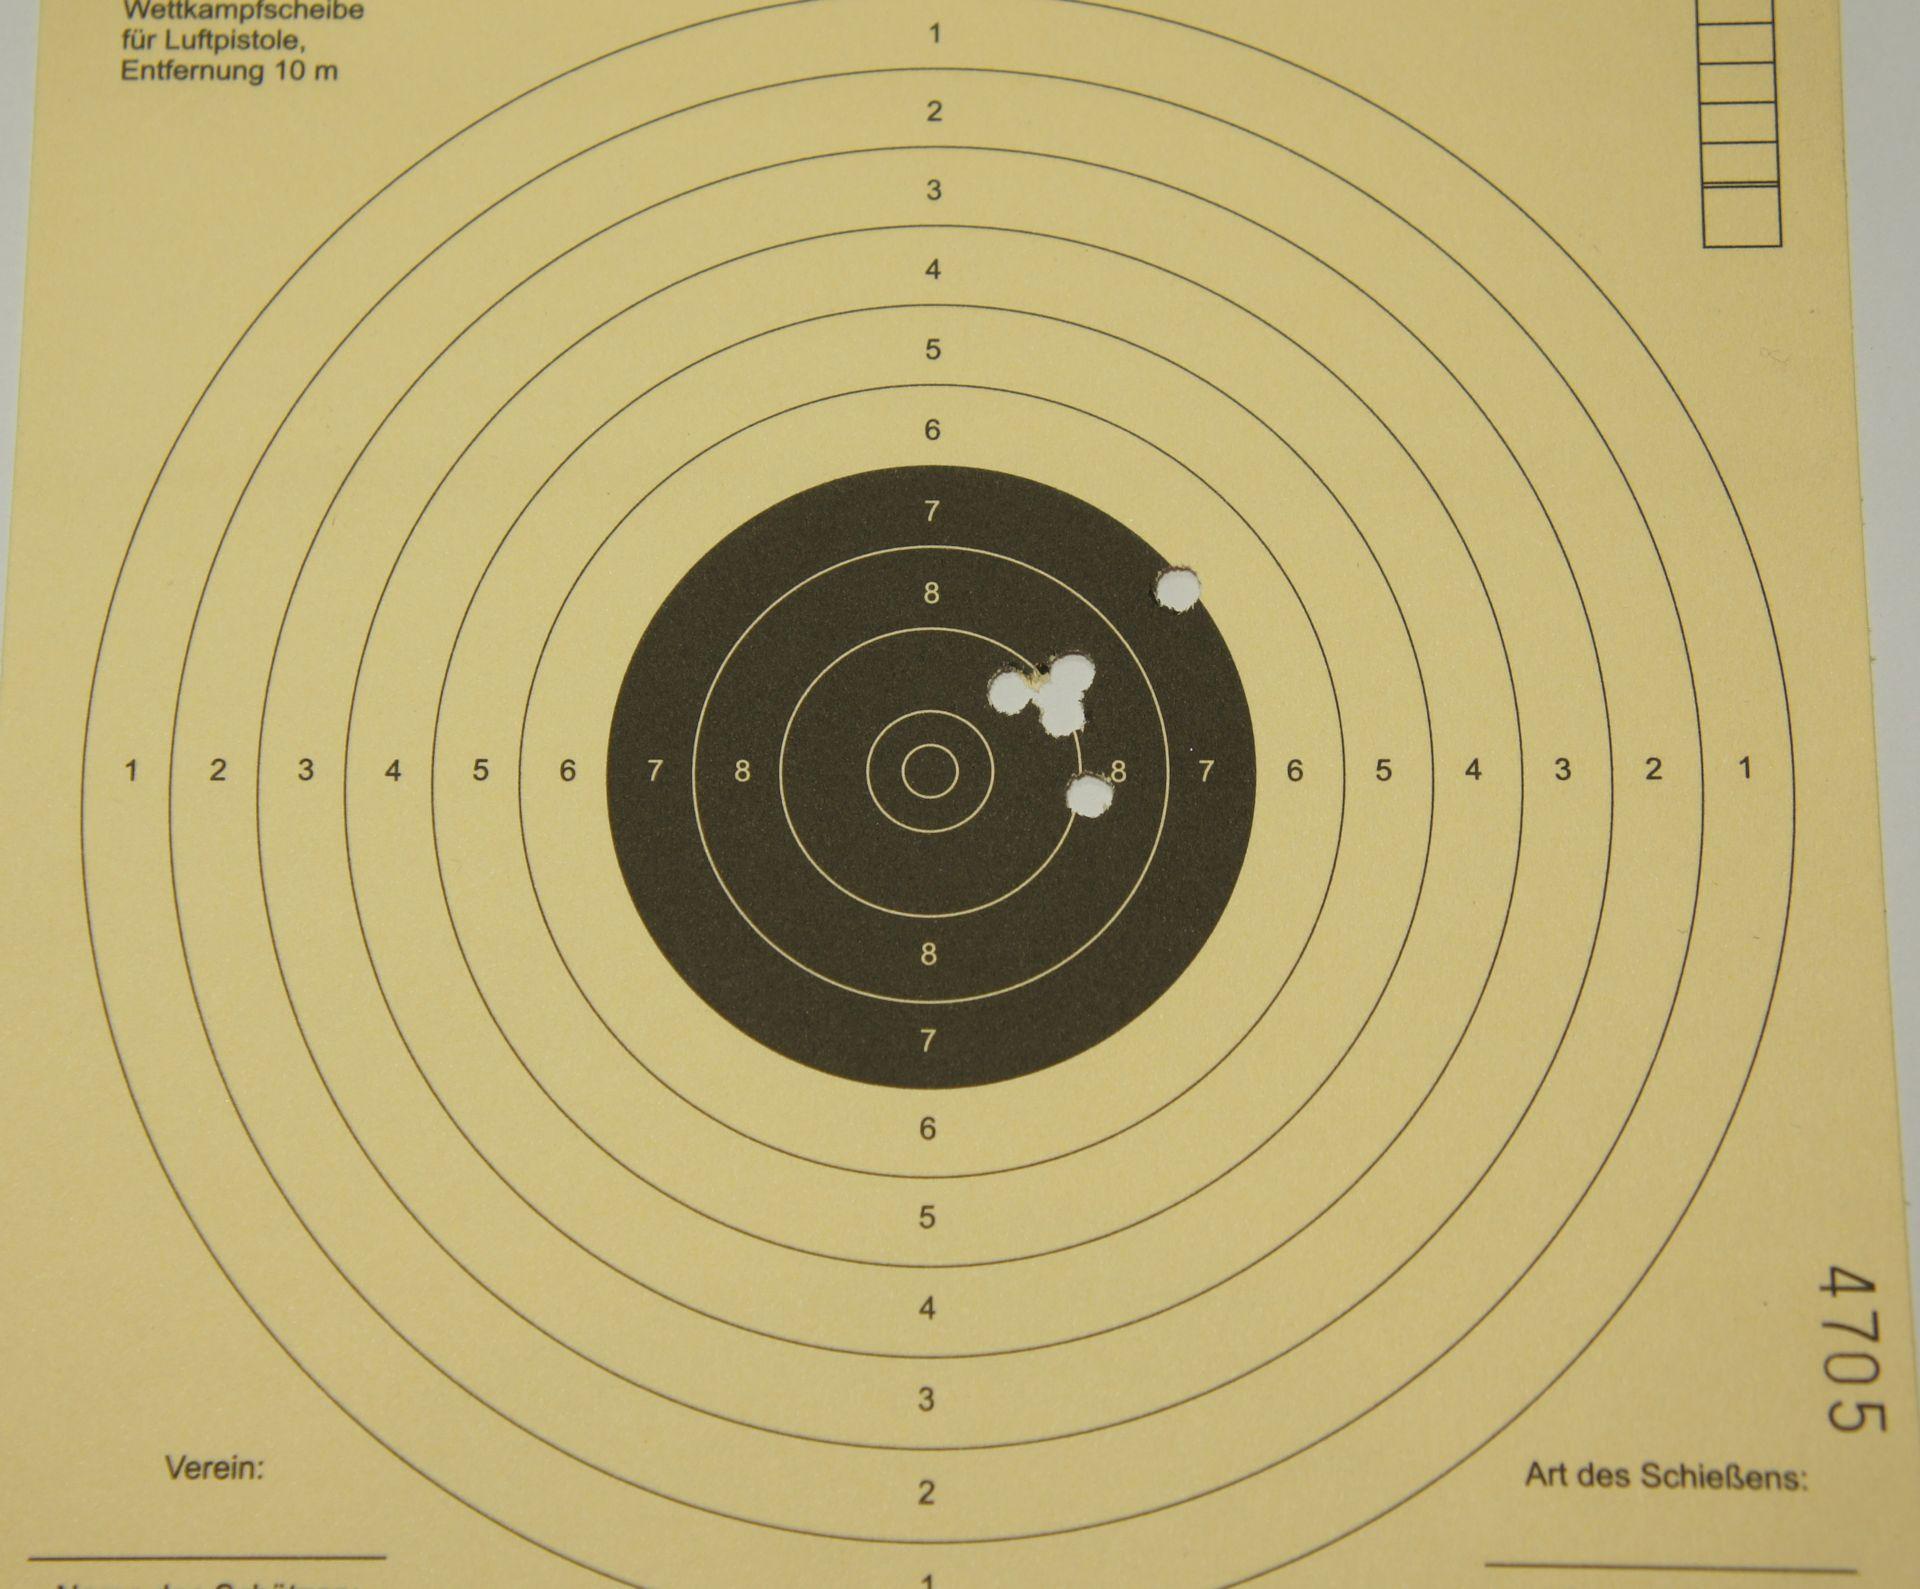 Trefferbild 6 Schuss auf 10m mit den Geschossen Geco